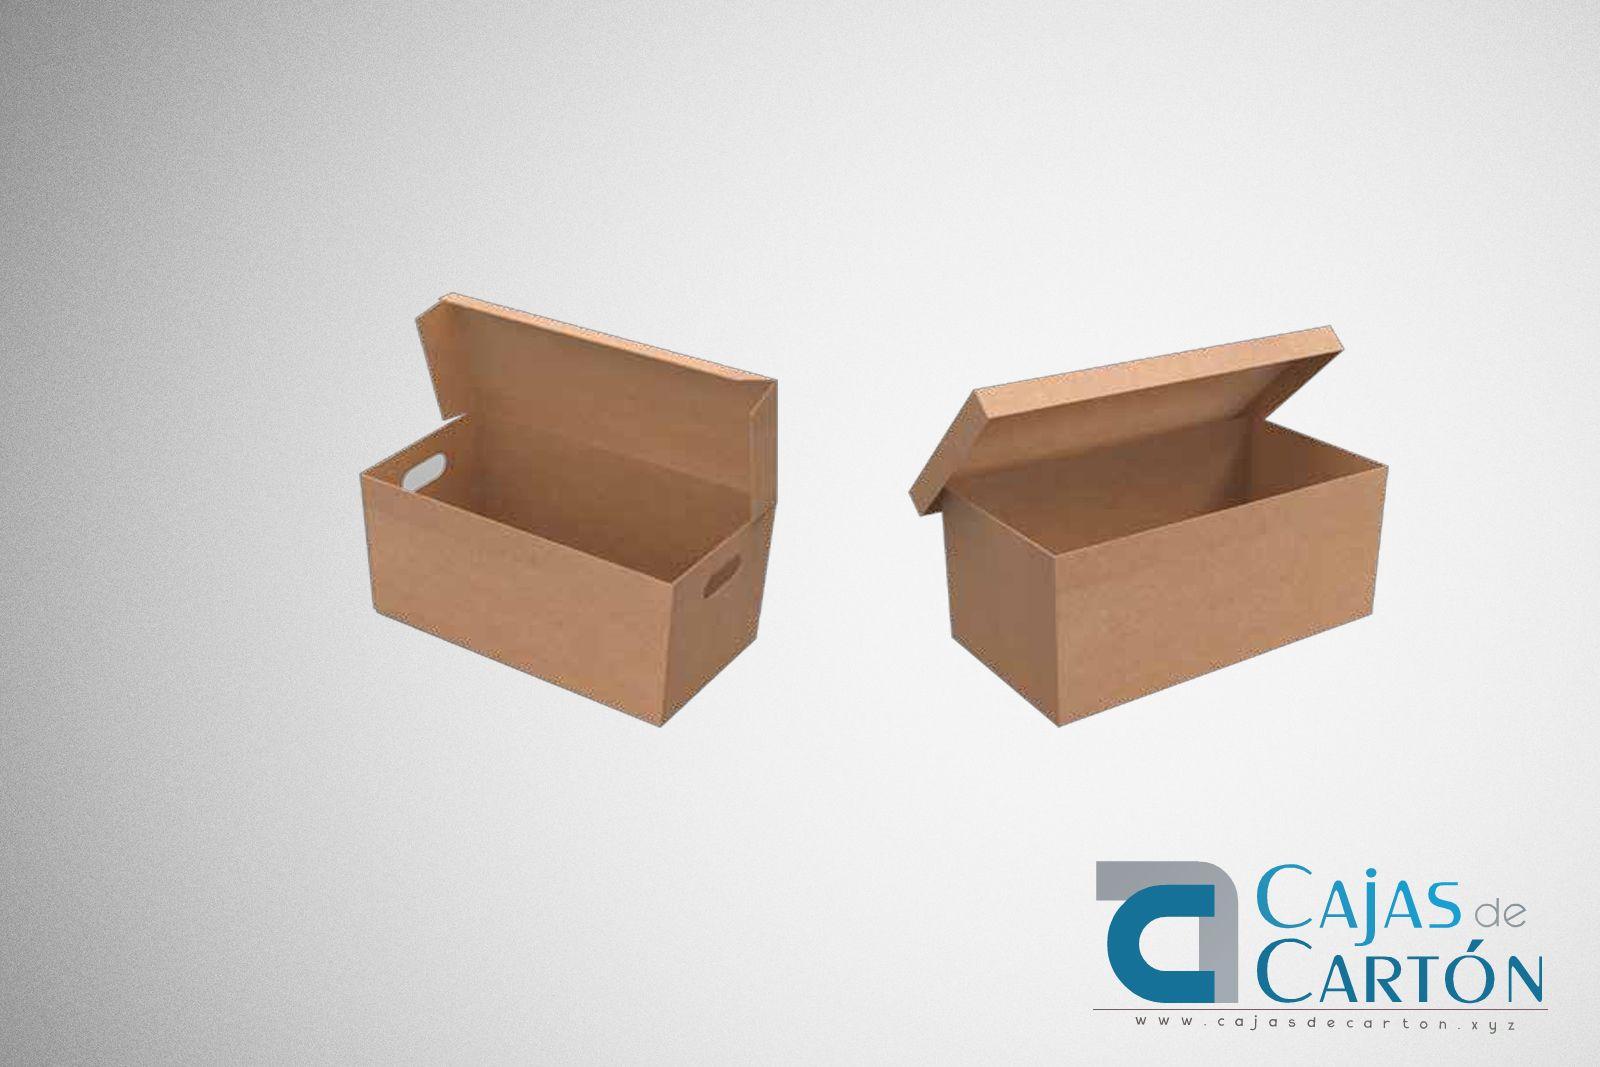 Cajas de Cartón Archivo Muerto